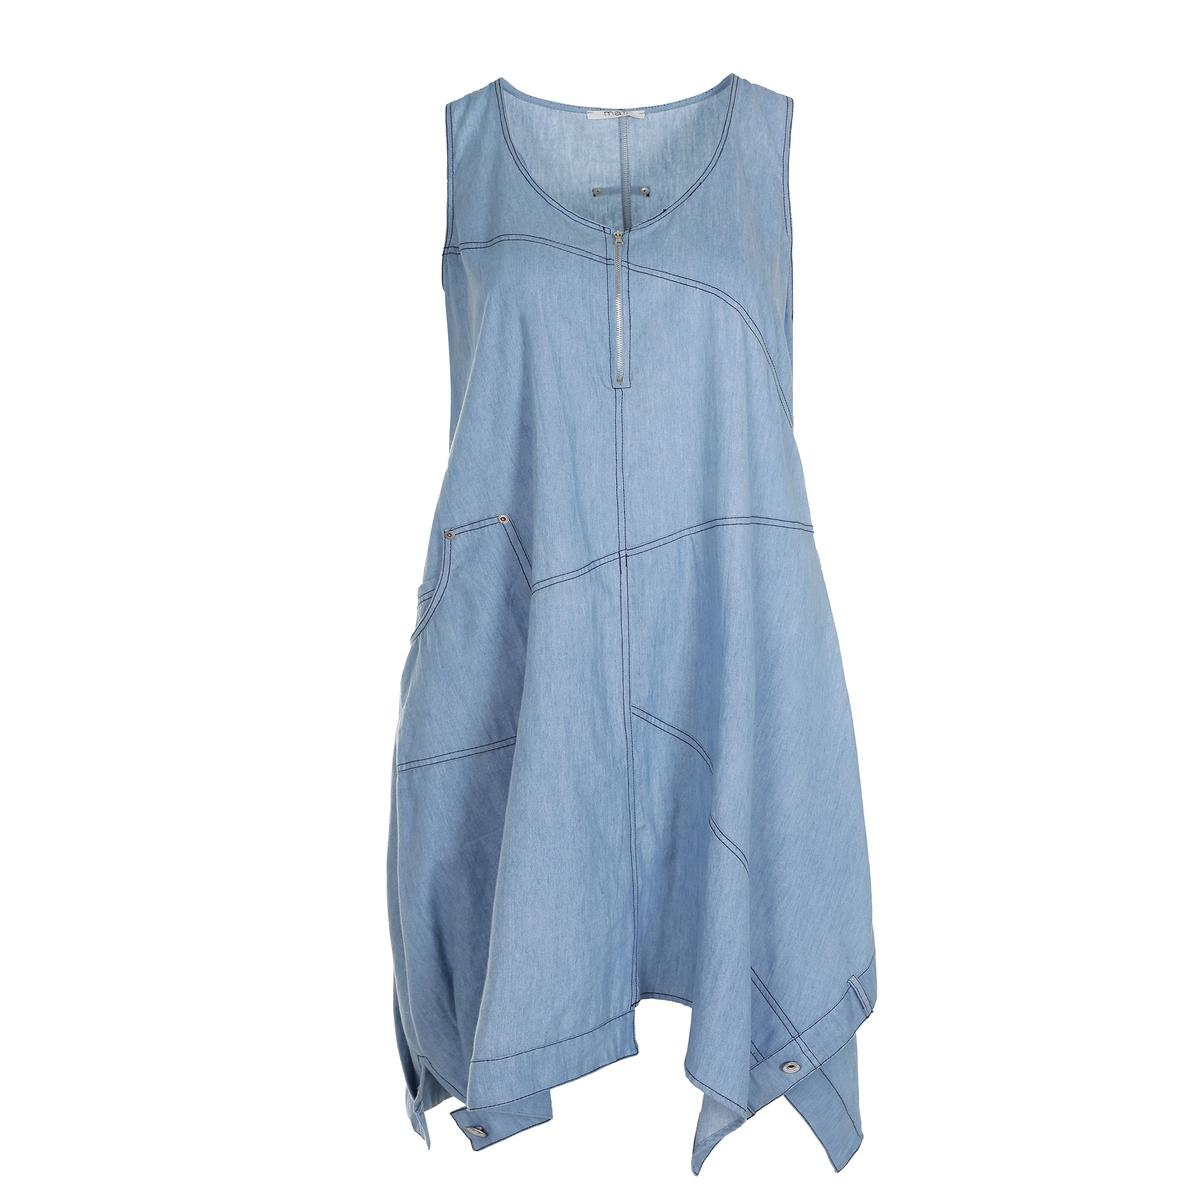 ПлатьеПлатье без рукавов из денима MAT FASHION. 100% хлопок. Асимметричный струящийся покрой из однотонной джинсовой ткани в стиле пэчворк. Без рукавов. V-образный вырез на молнии.<br><br>Цвет: голубой<br>Размер: 48/50 (FR) - 54/56 (RUS).52/54 (FR) - 58/60 (RUS)